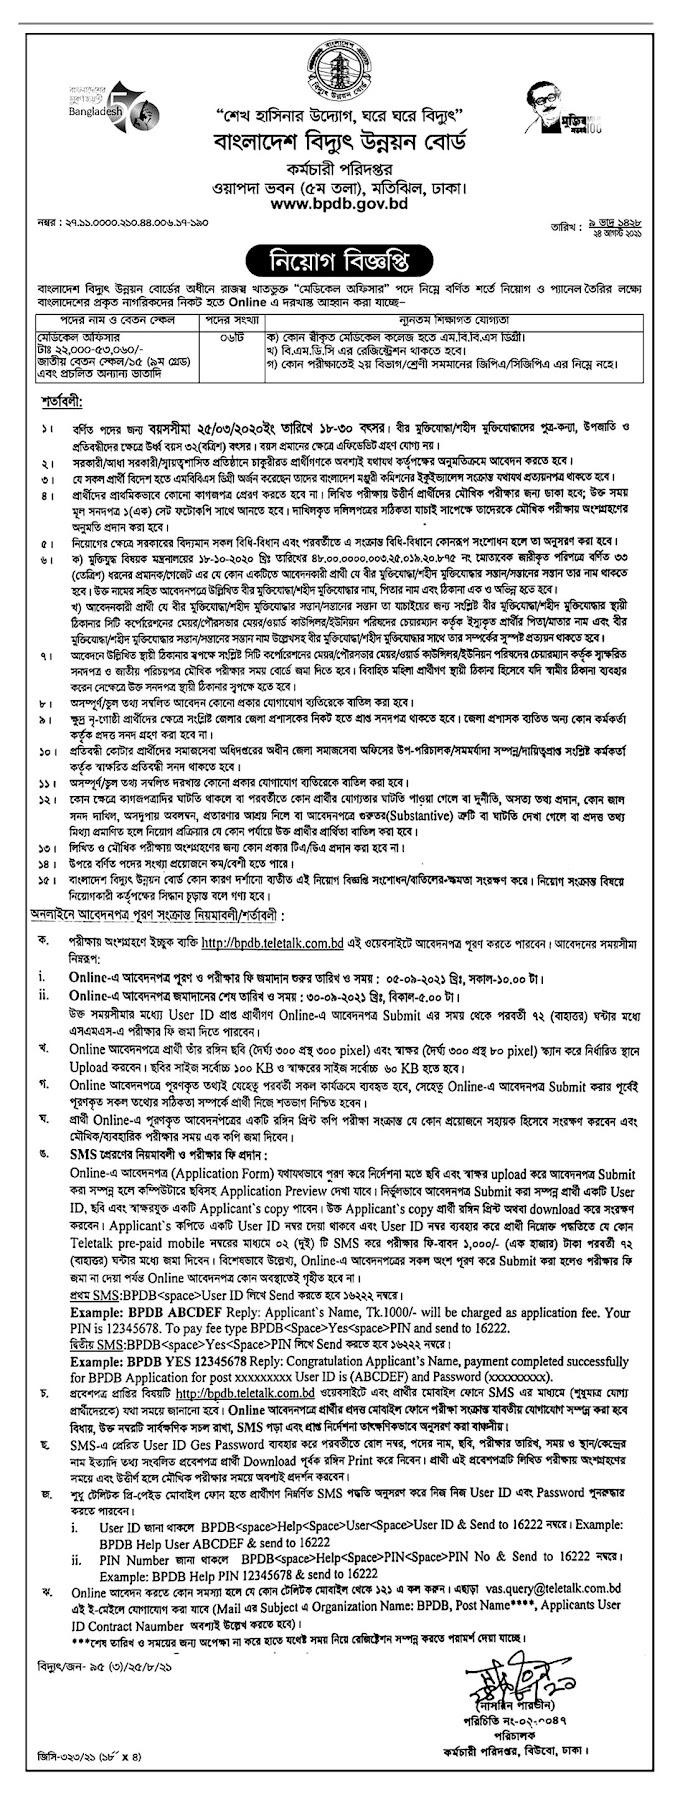 বাংলাদেশ বিদ্যুৎ উন্নয়ন বোর্ড নিয়োগ বিজ্ঞপ্তি ২০২১ BPDB Job Circular 2021